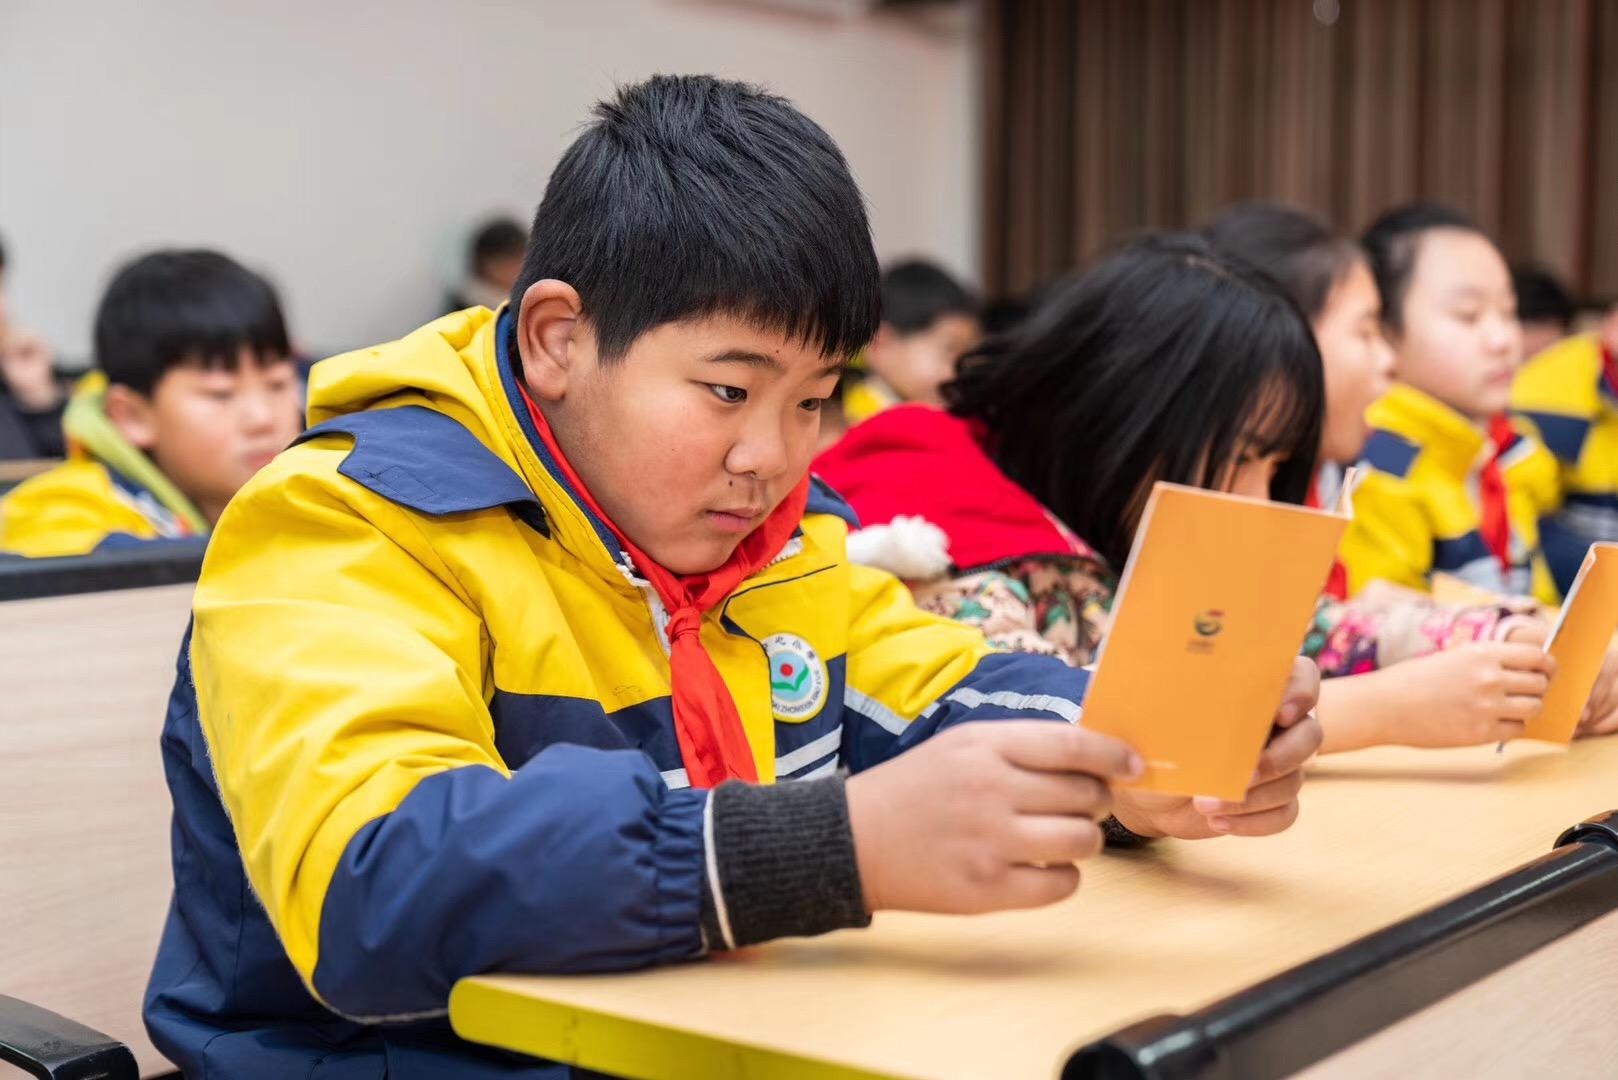 寒假里,平湖為孩子們安排了320多場活動!